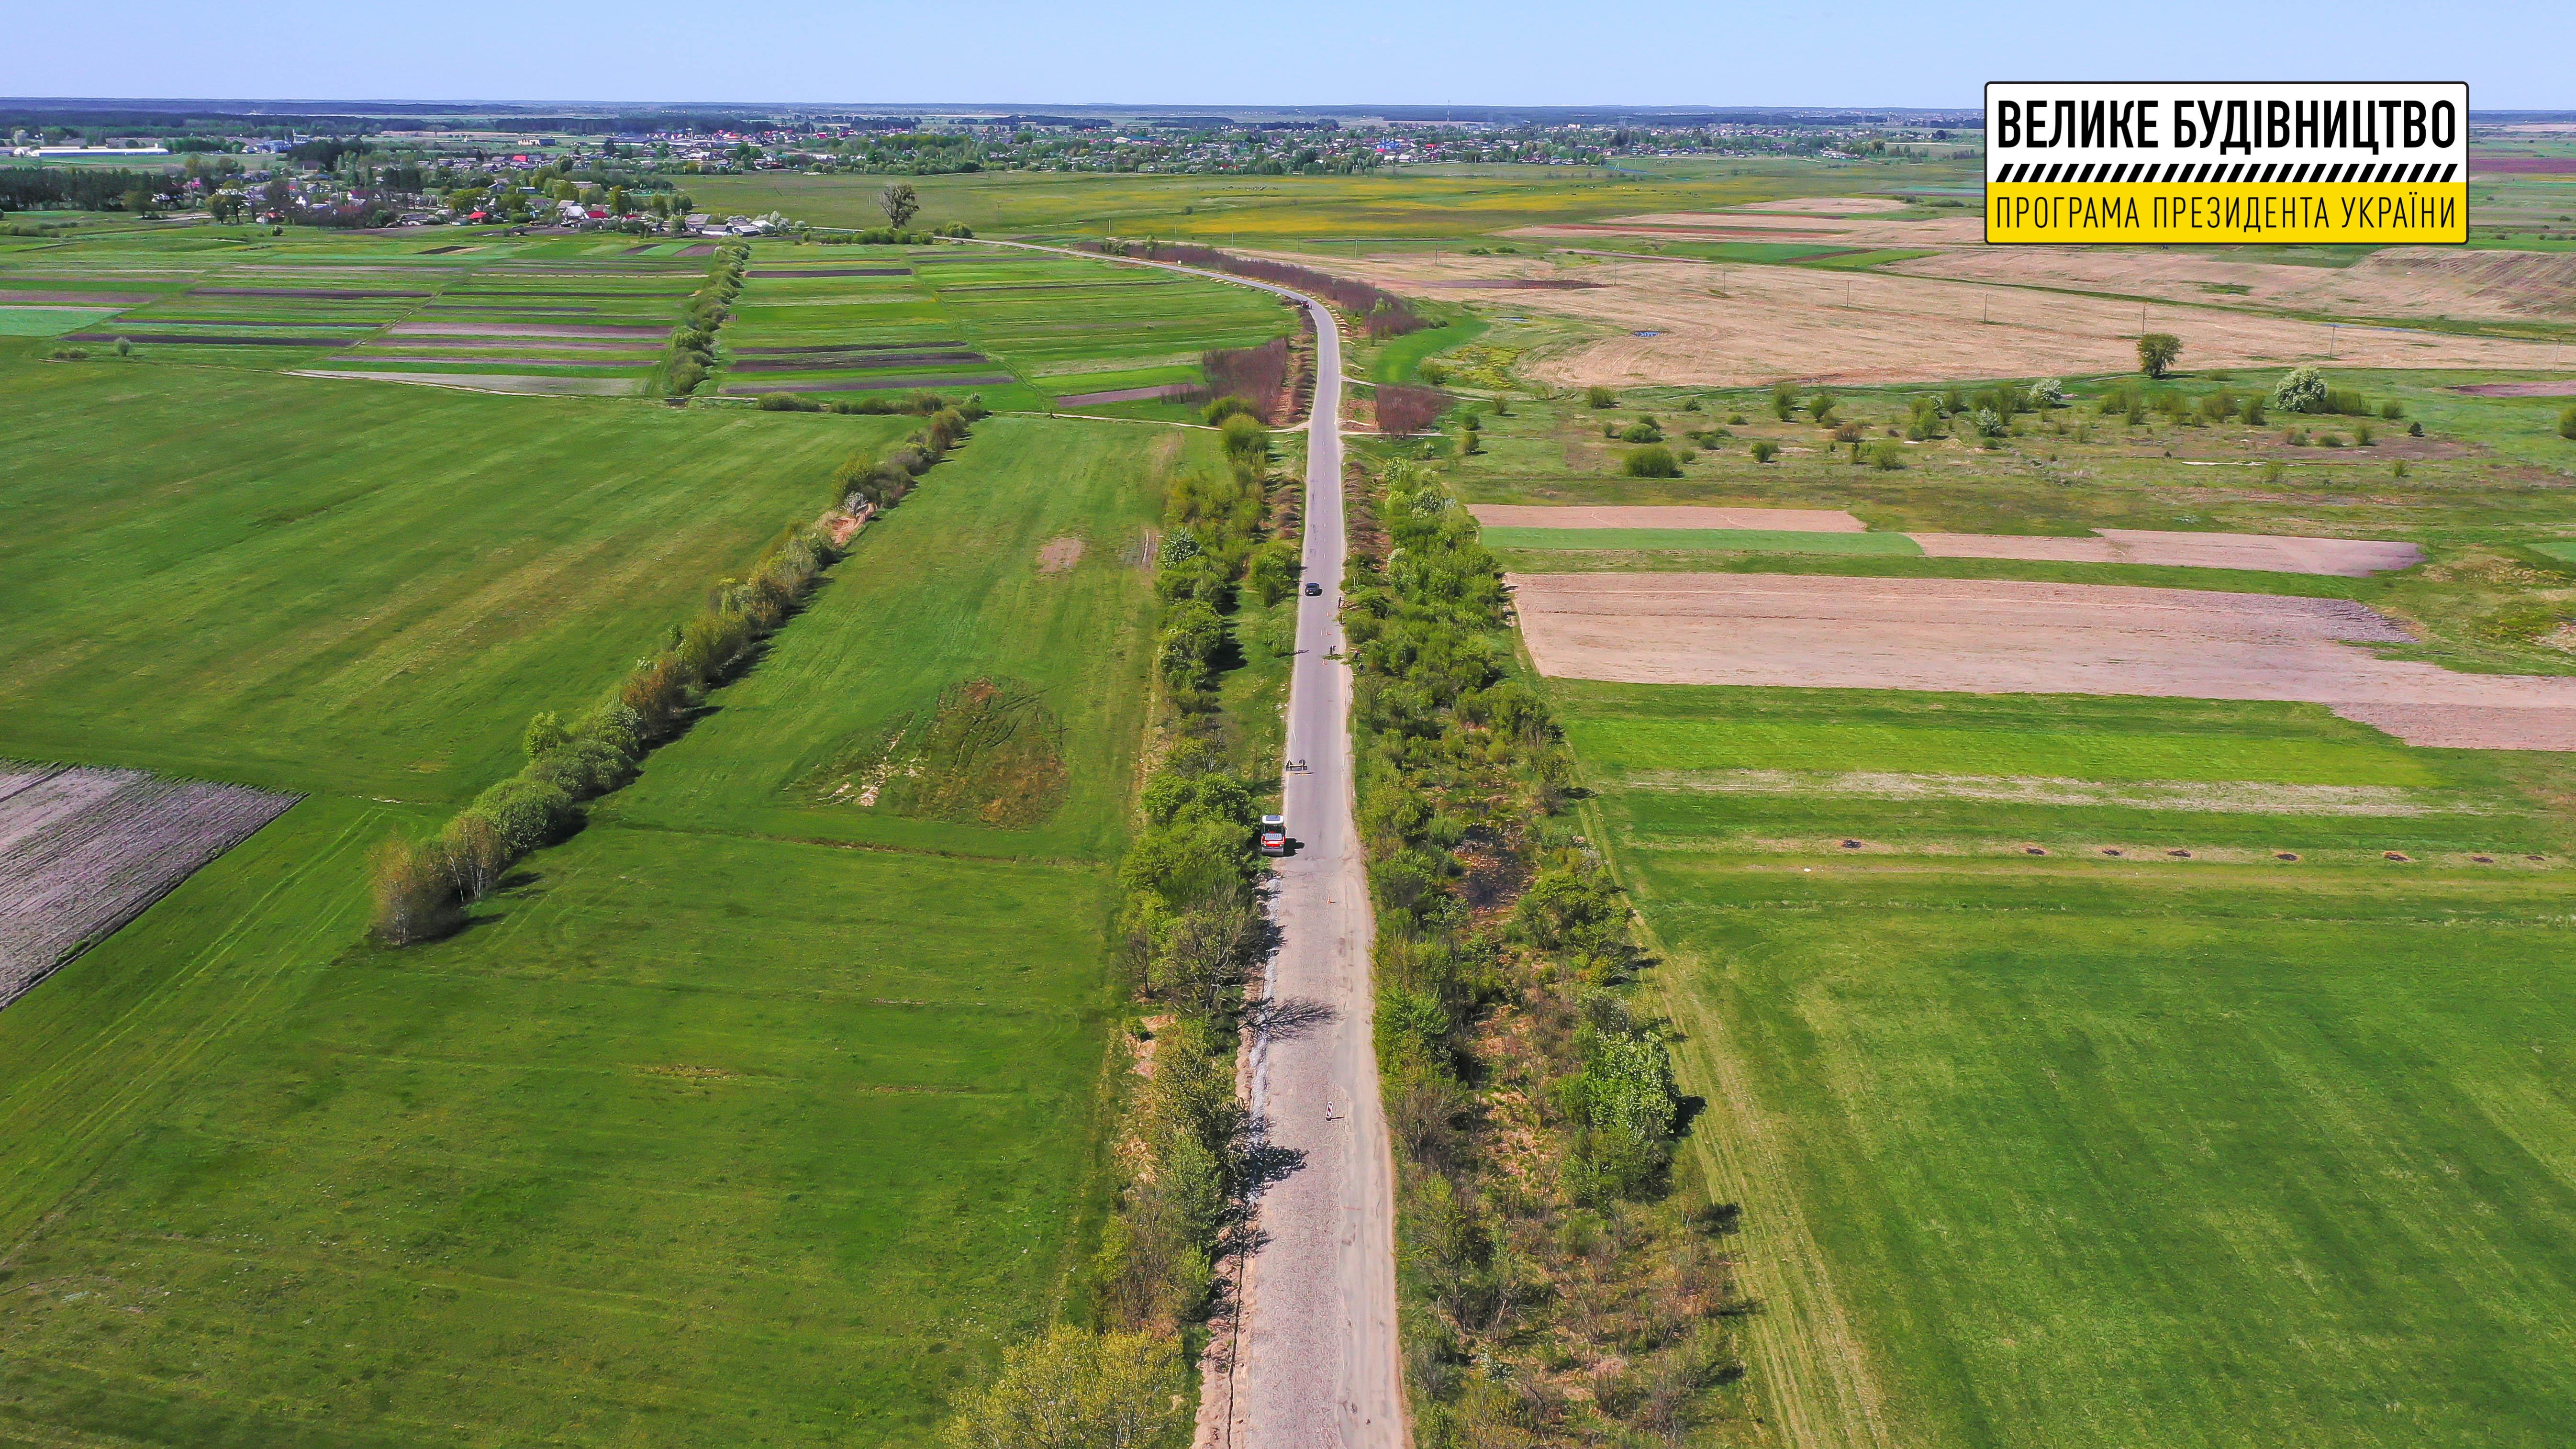 На Сарненщині відновлюють 12 км дороги (ФОТО, ВІДЕО), фото-2